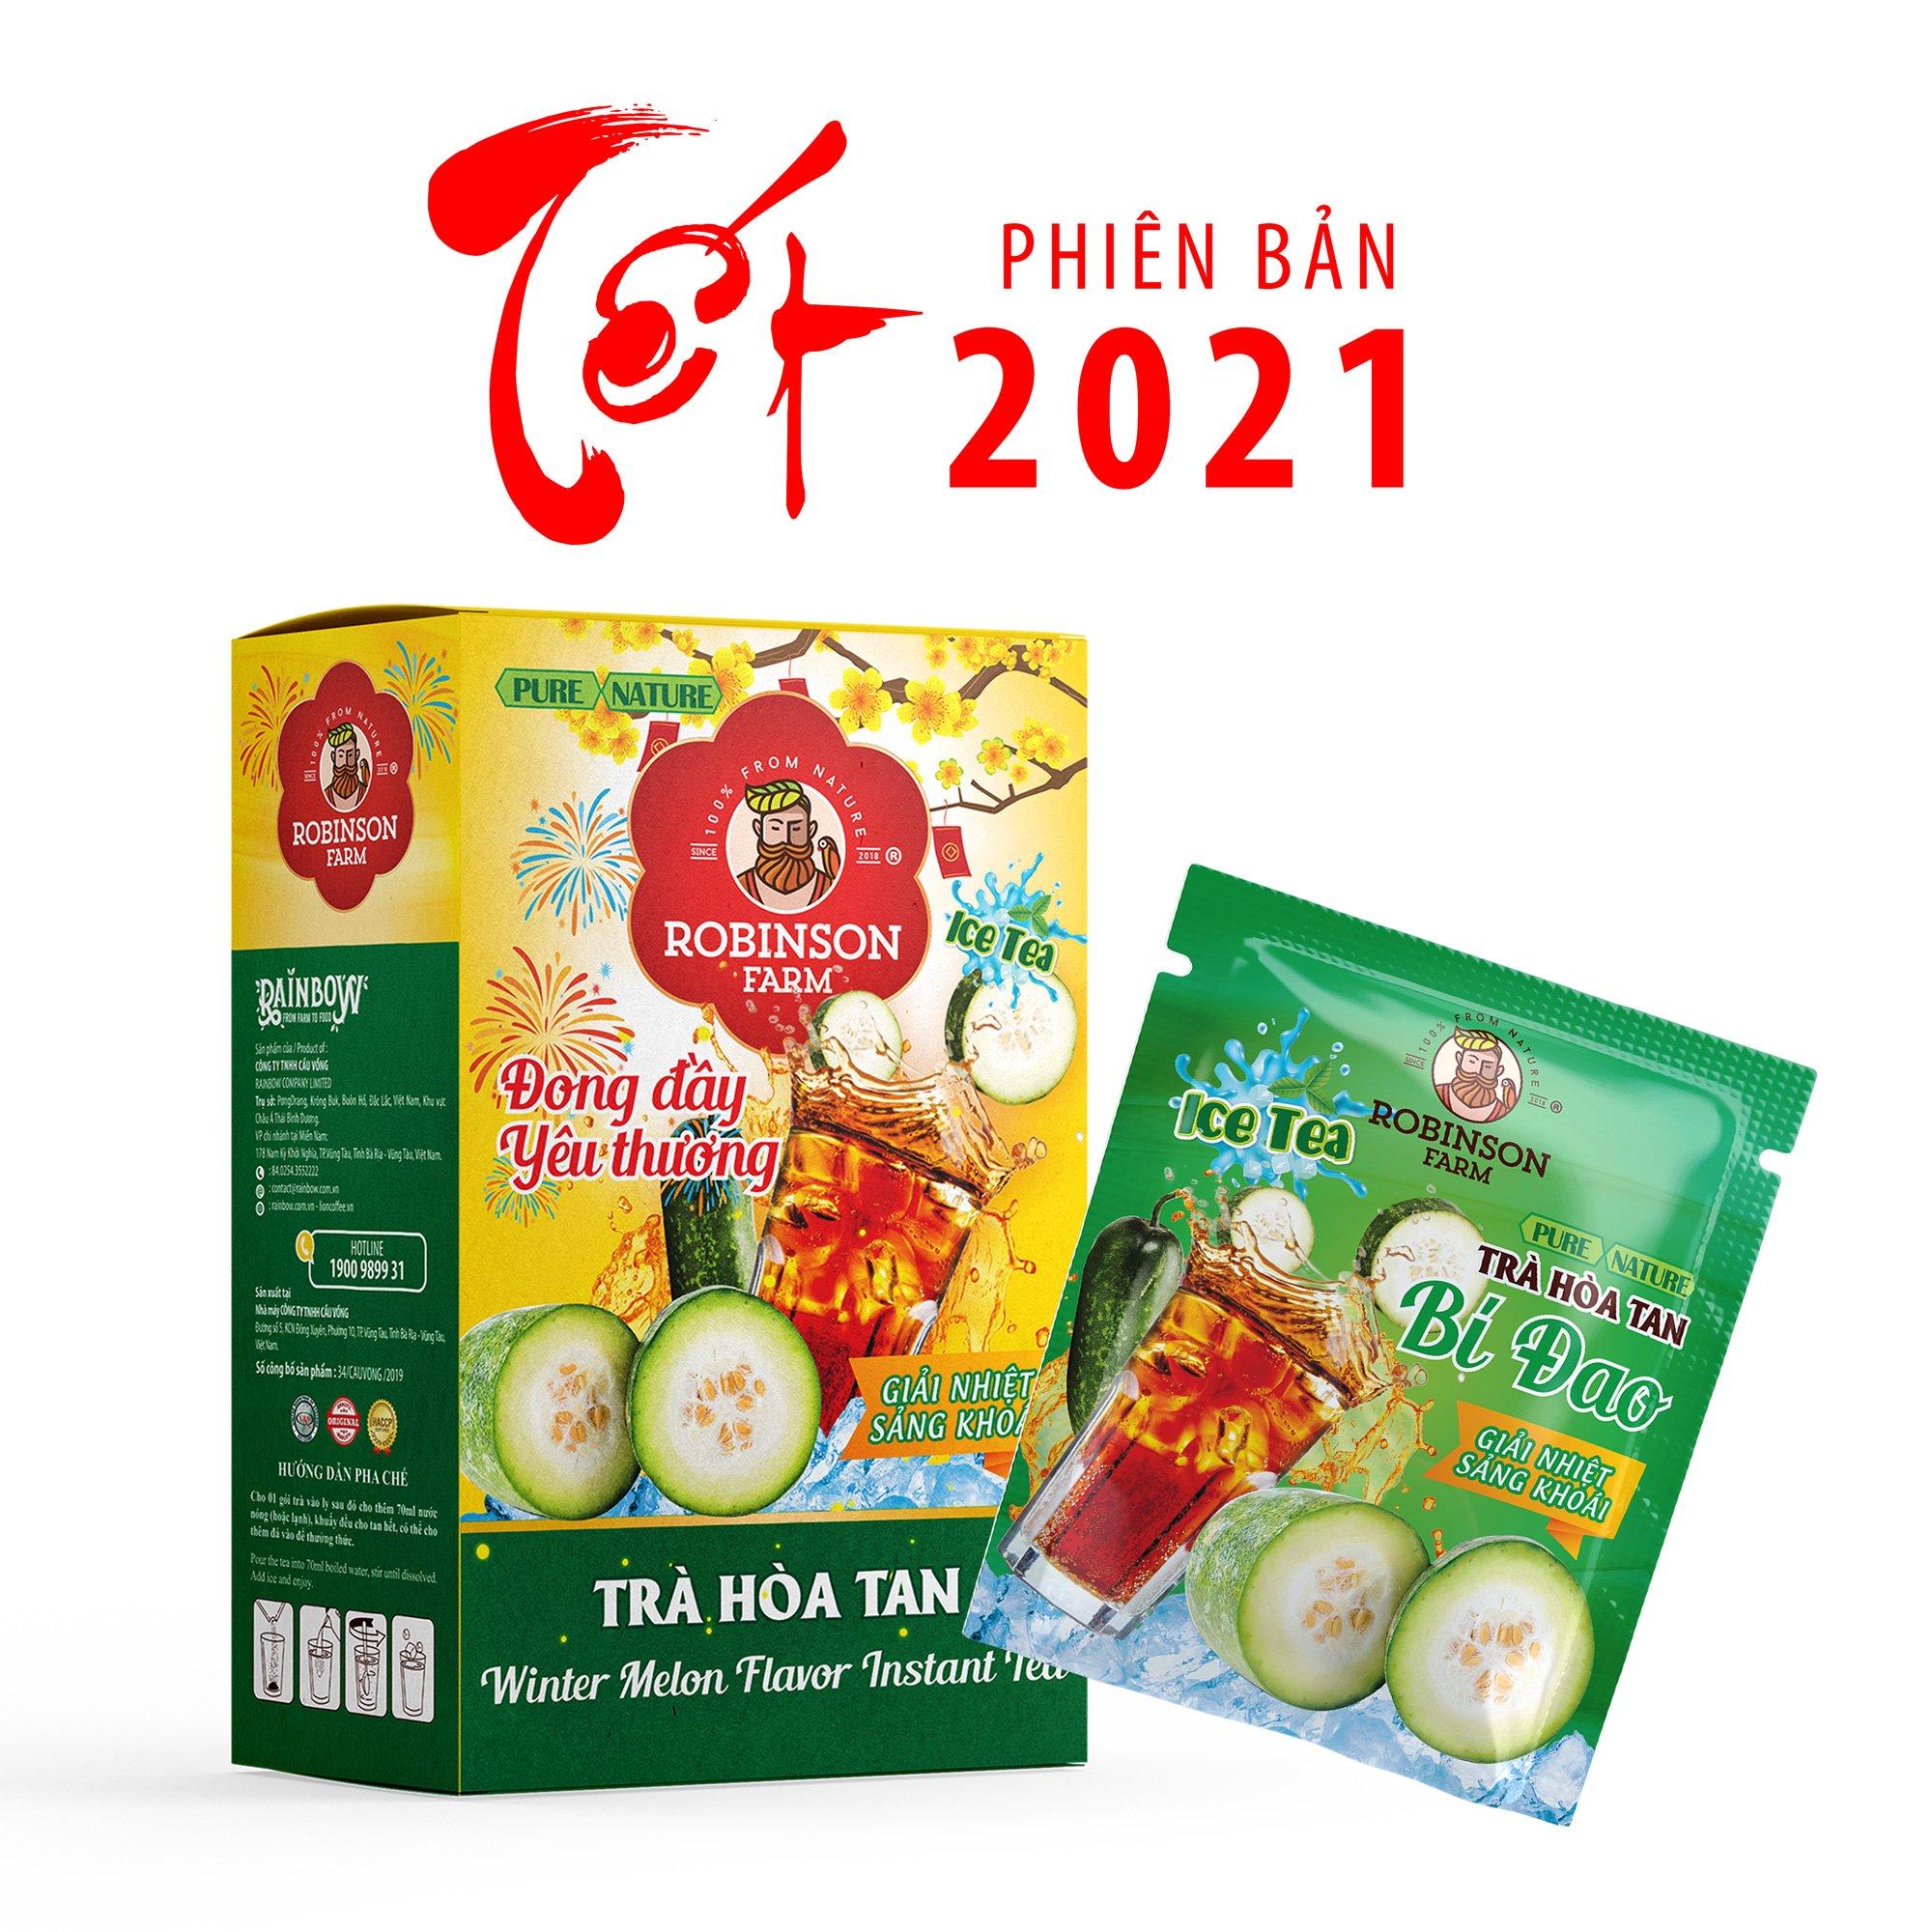 Trà Hoà Tan Vị Bí Đao Robinson Farm - 270g ( 18 gói x 15g ) - Thơm vị trà...